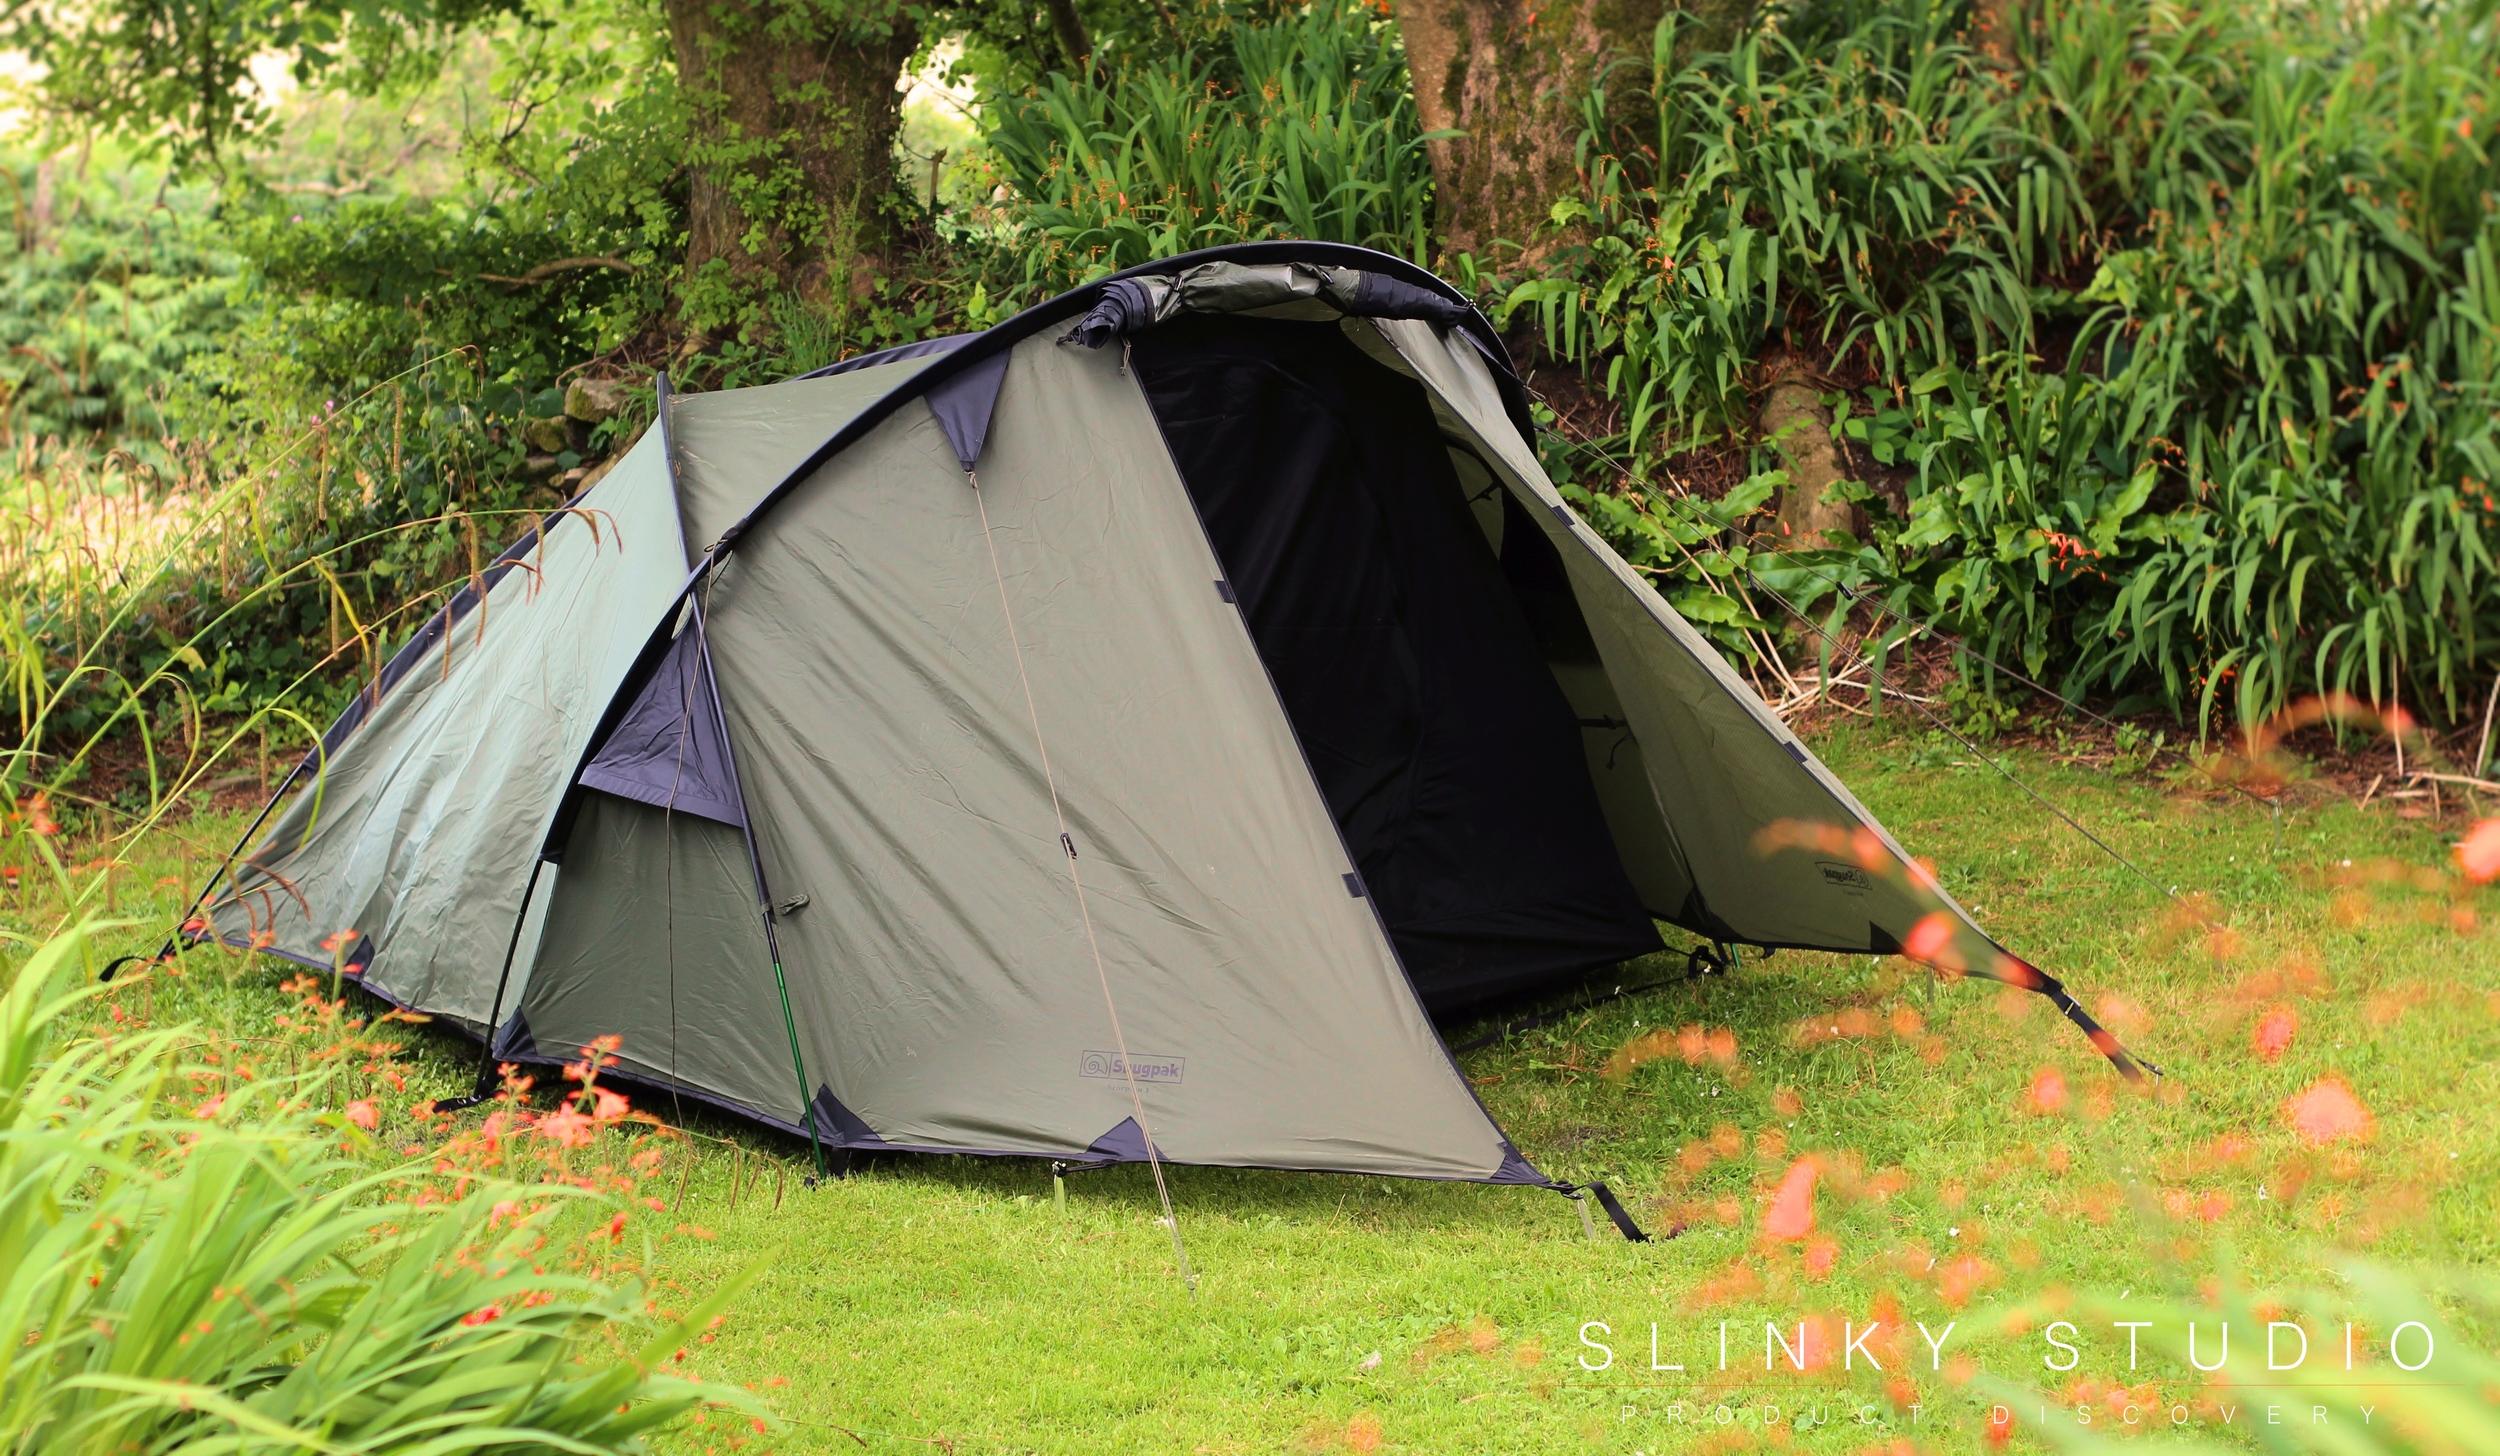 Snugpak Scorpion 3 Tent Door Open Full View.jpg